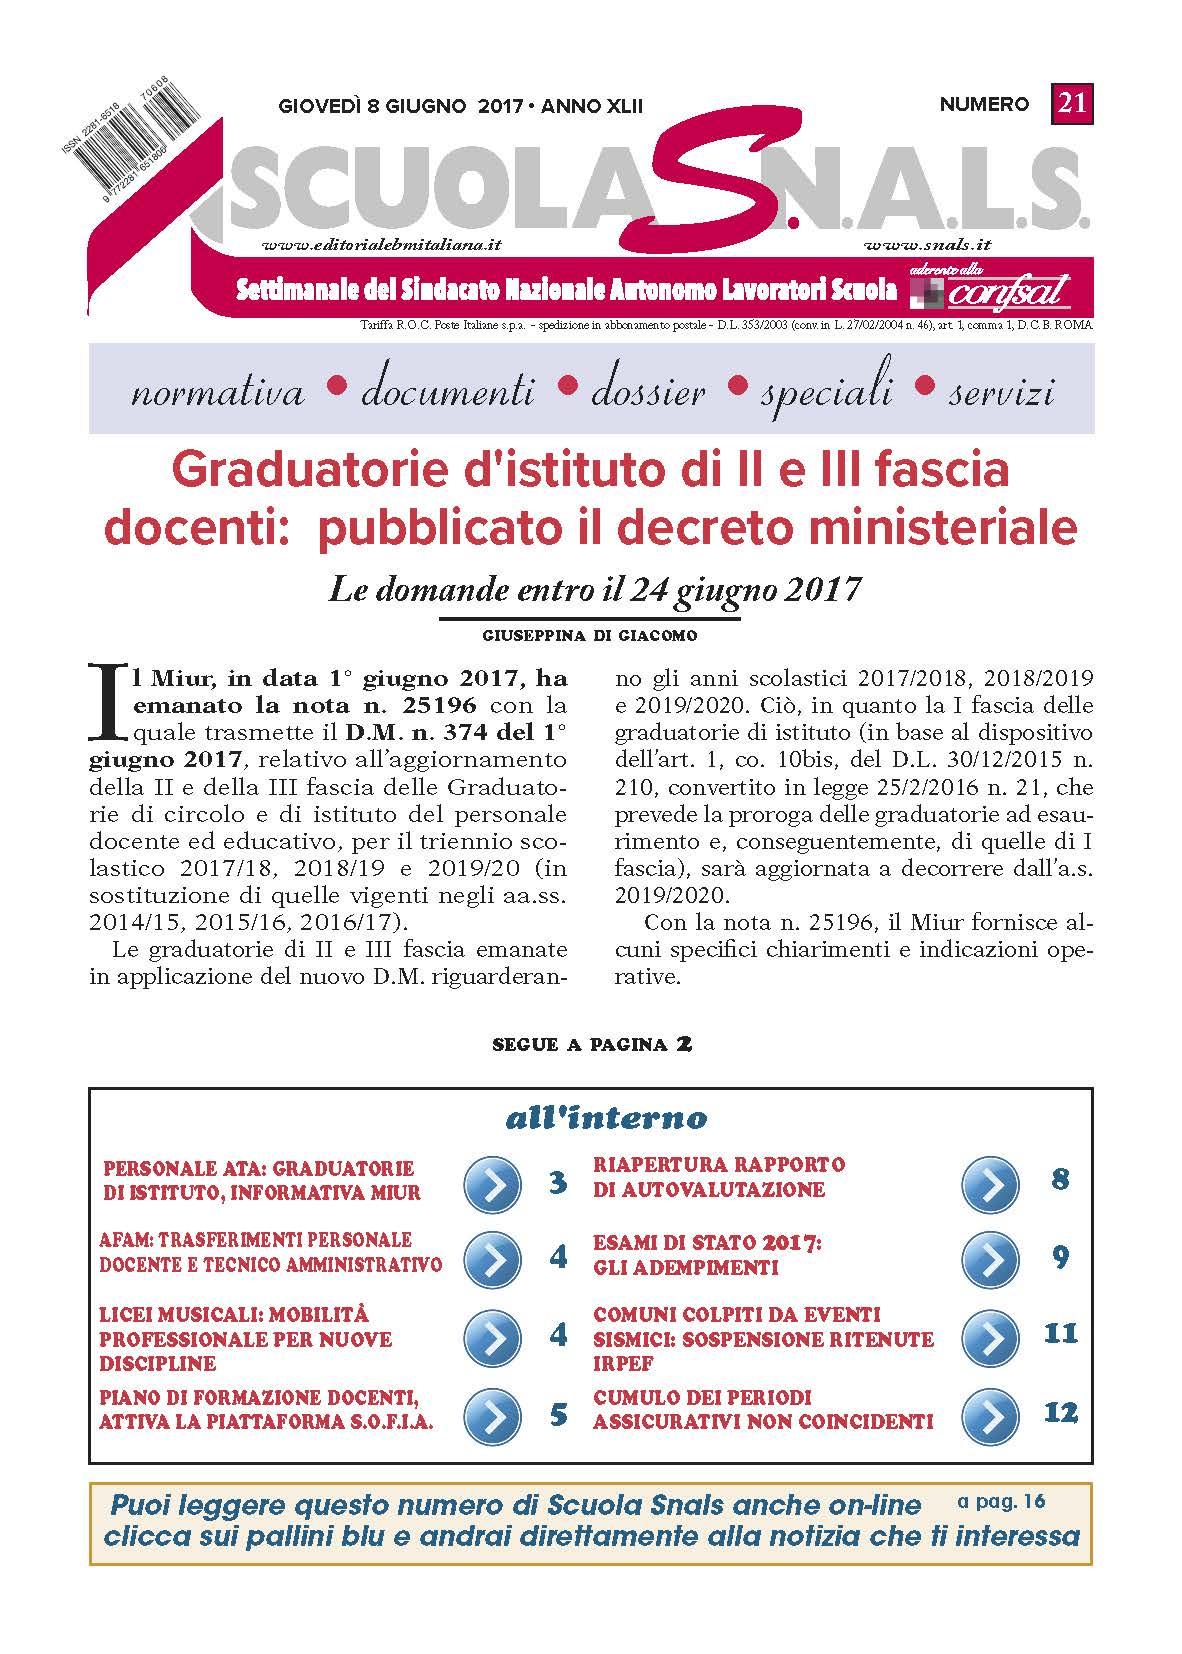 Graduatorie d istituto di II e III fascia docenti pubblicato il decreto ministeriale